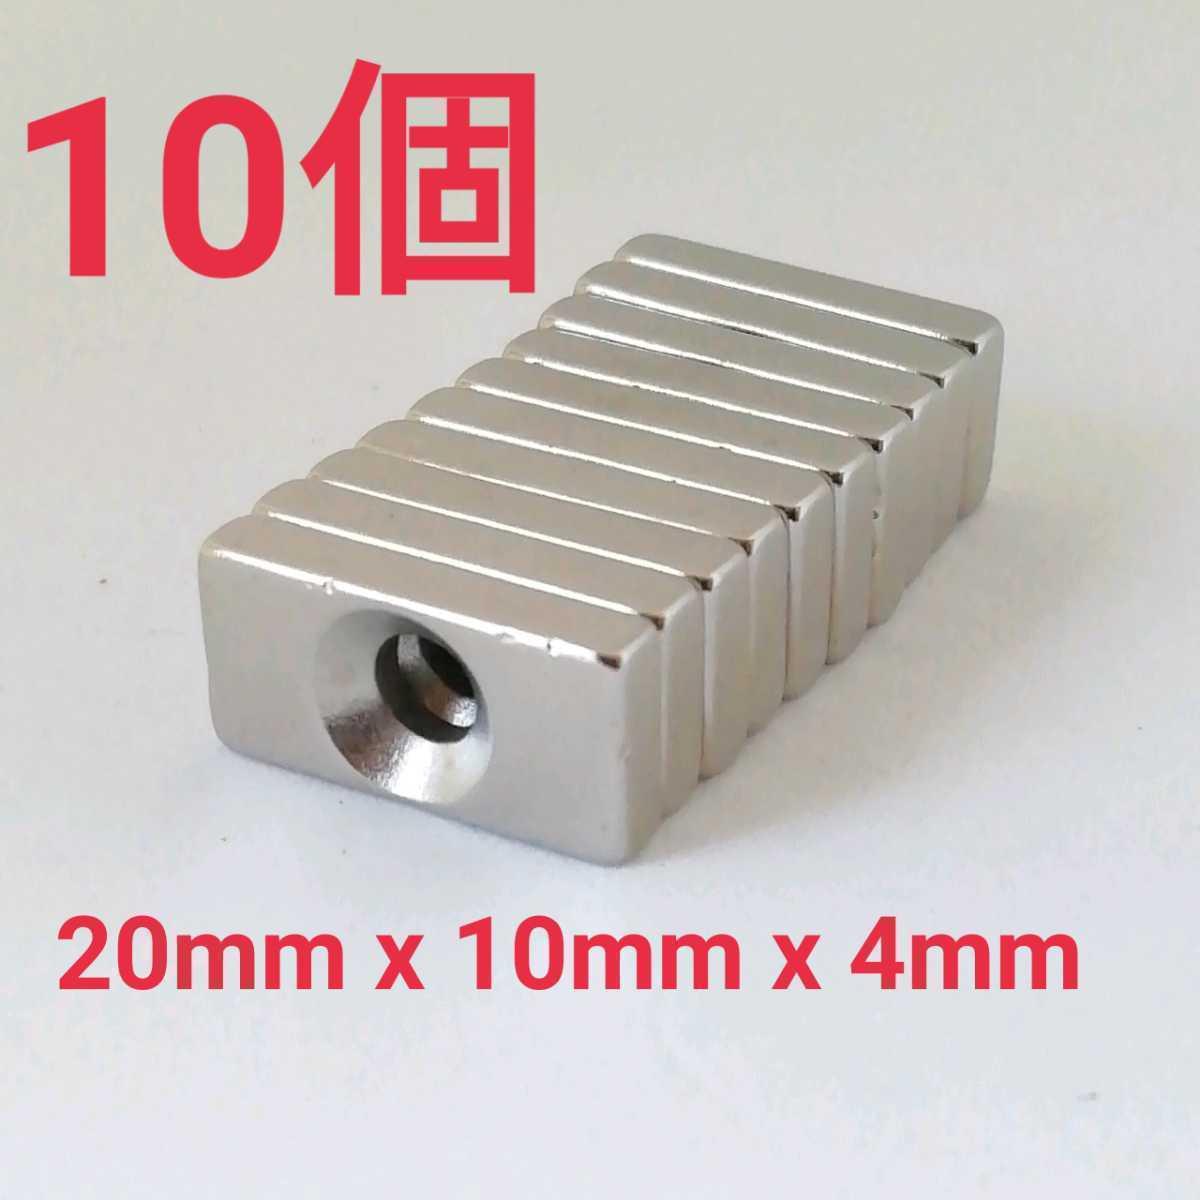 送料無料 強力 ネオジウム 磁石 ネオジム マグネット 長方形 20mm×10mm×4mm 10個 セット皿穴 ネジ穴付き N35